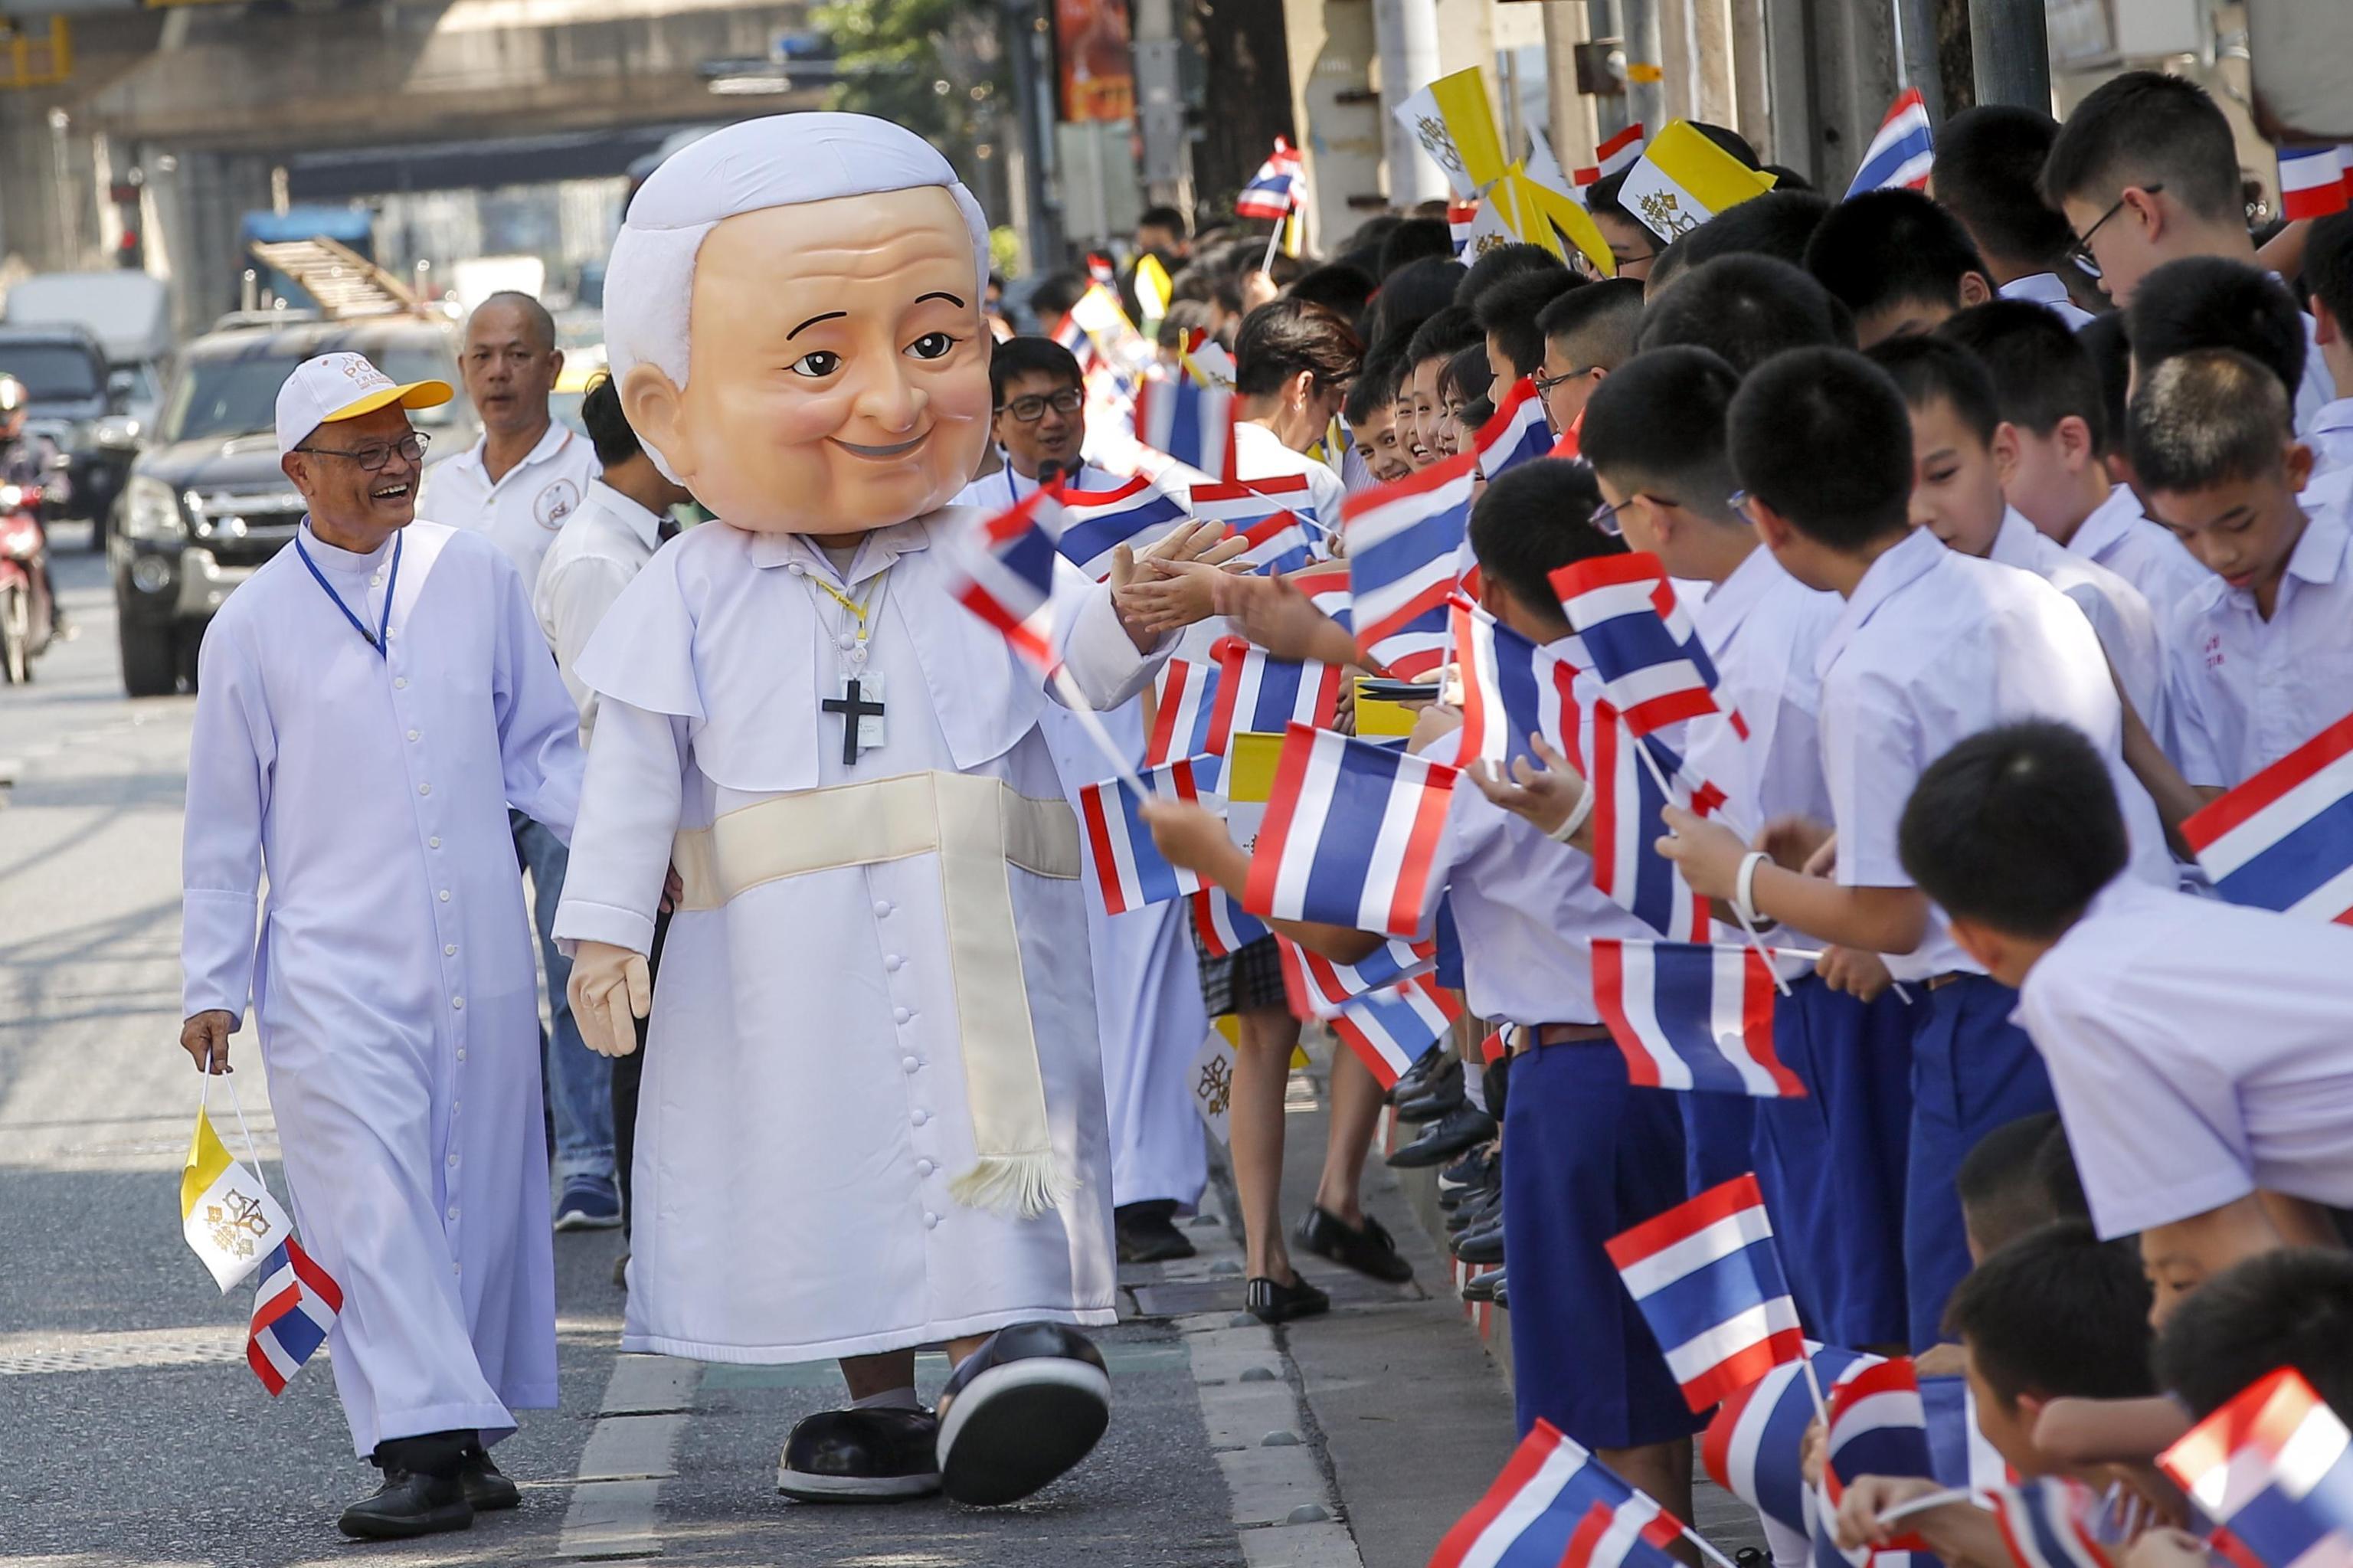 L'uomo con il costume del Papa cammina tra i fedeli